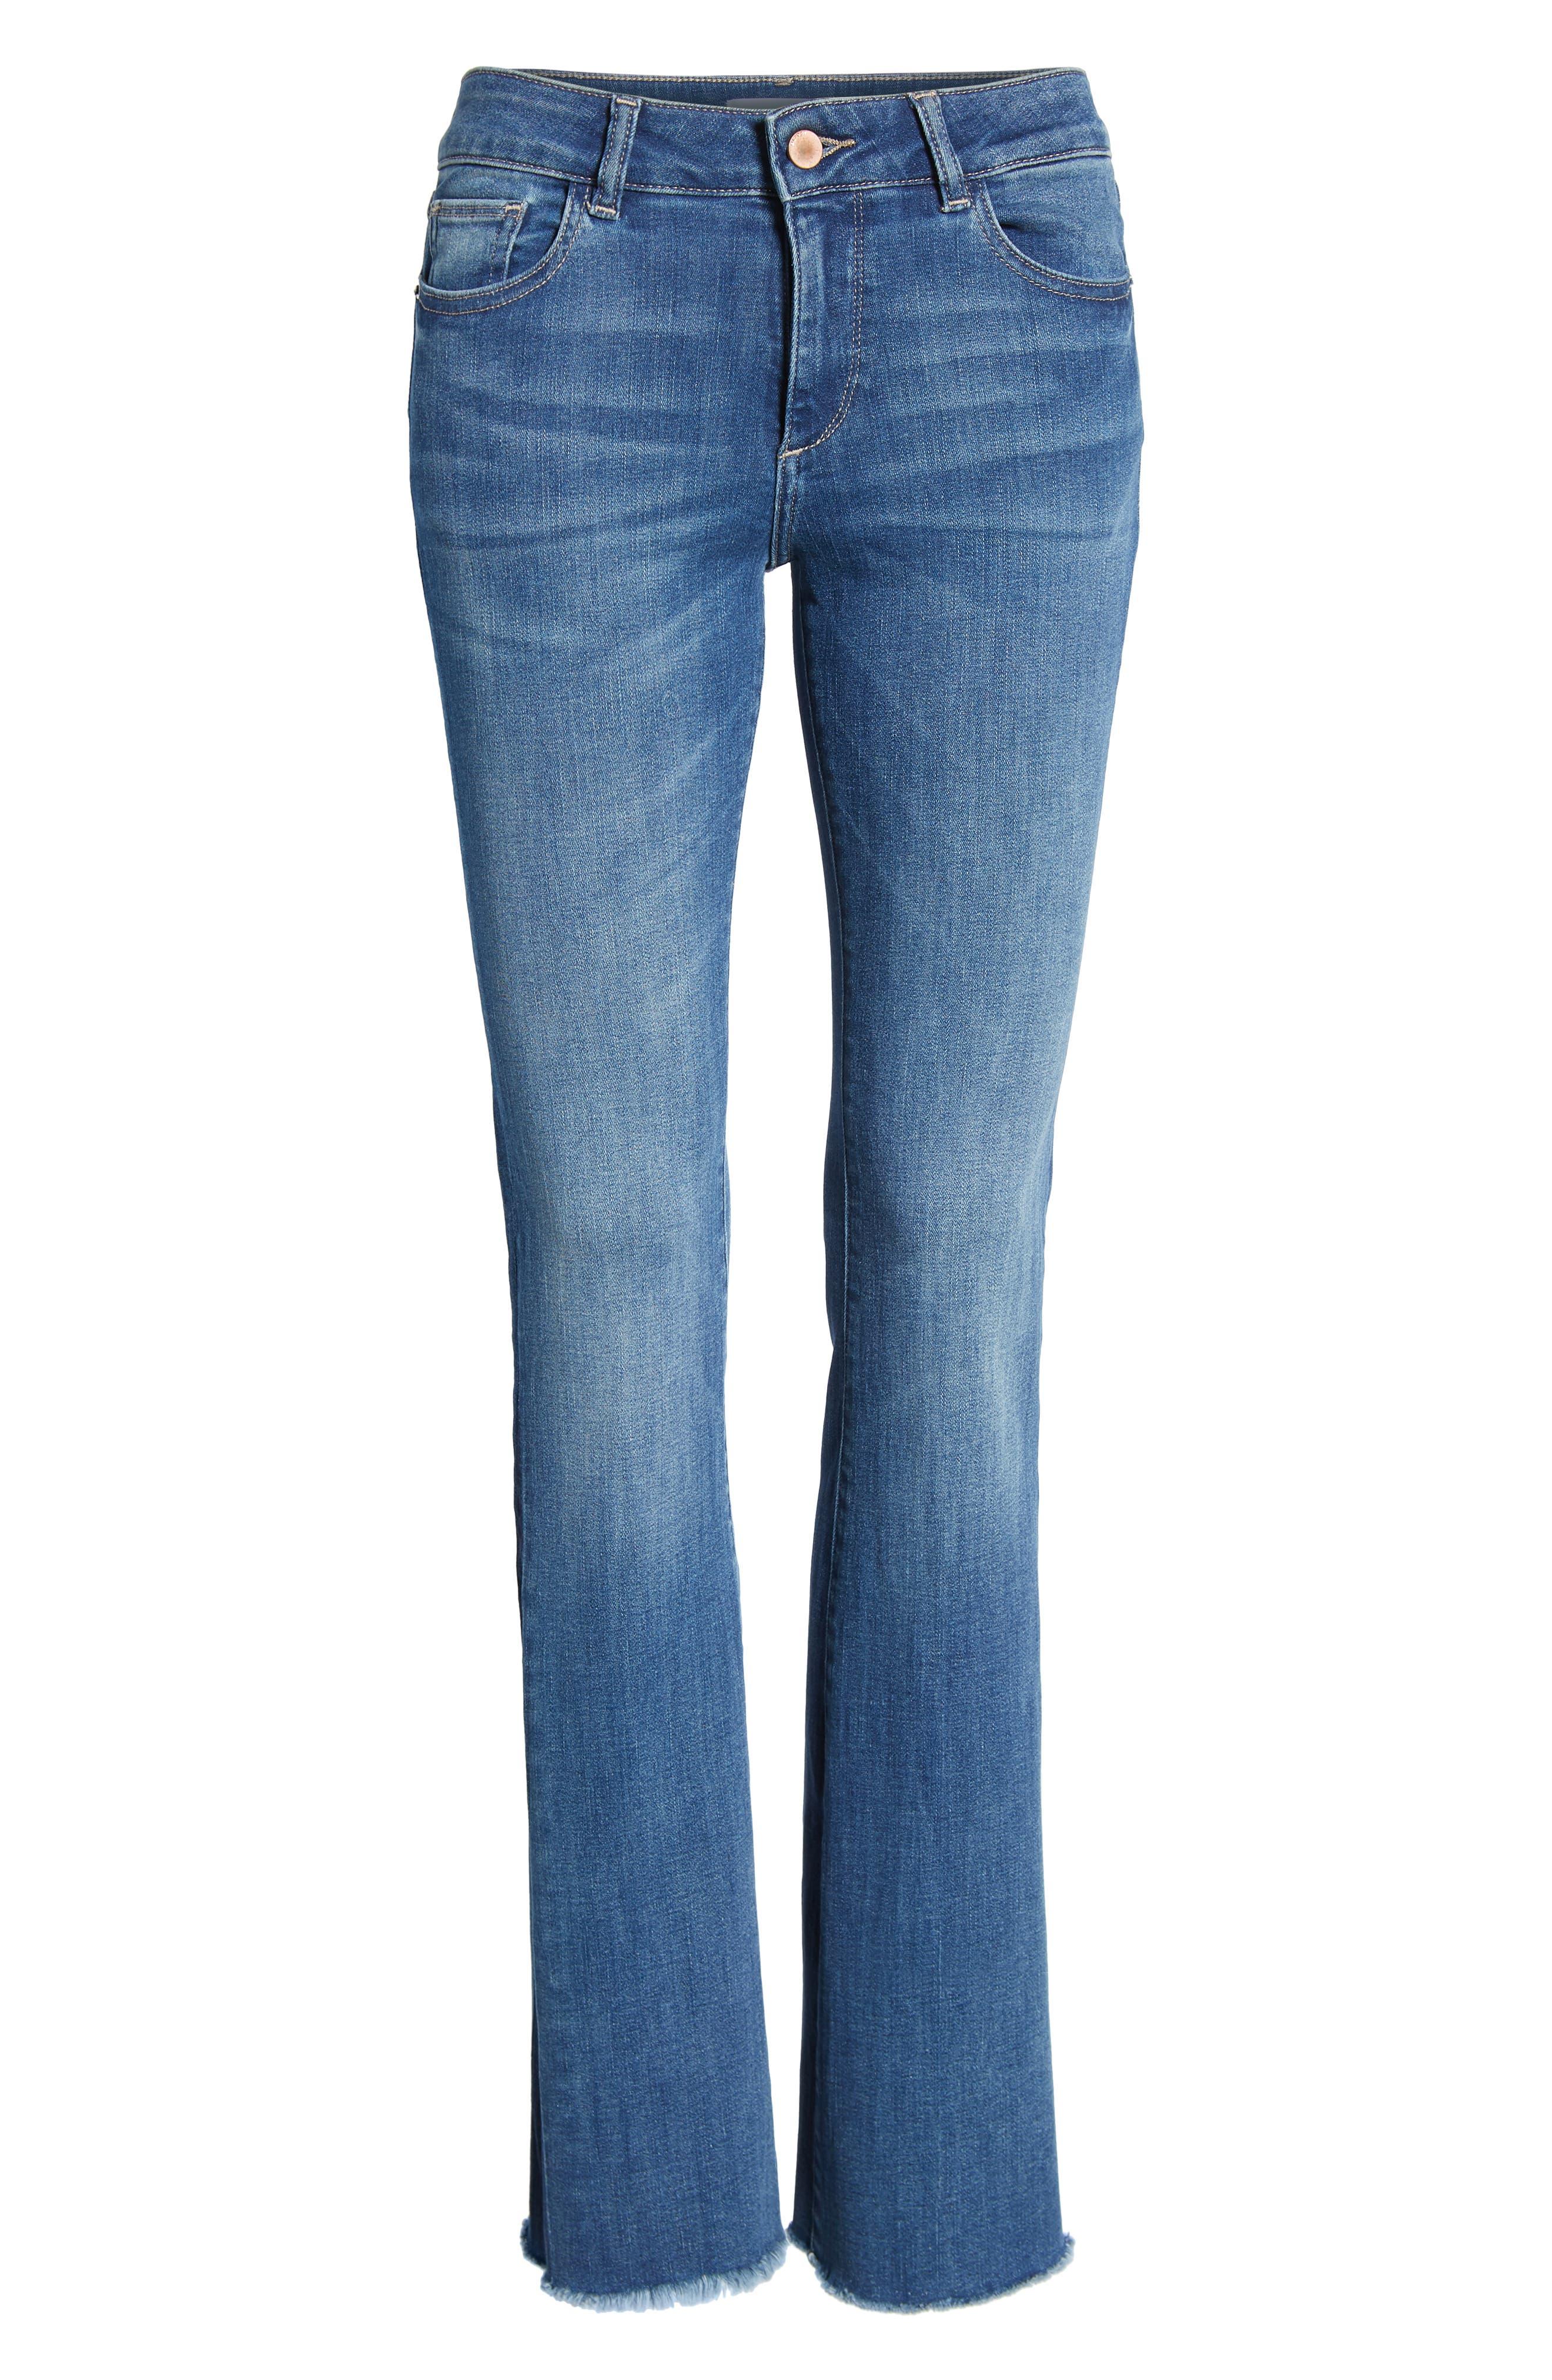 Bridget Instasculpt Bootcut Jeans,                             Alternate thumbnail 7, color,                             425